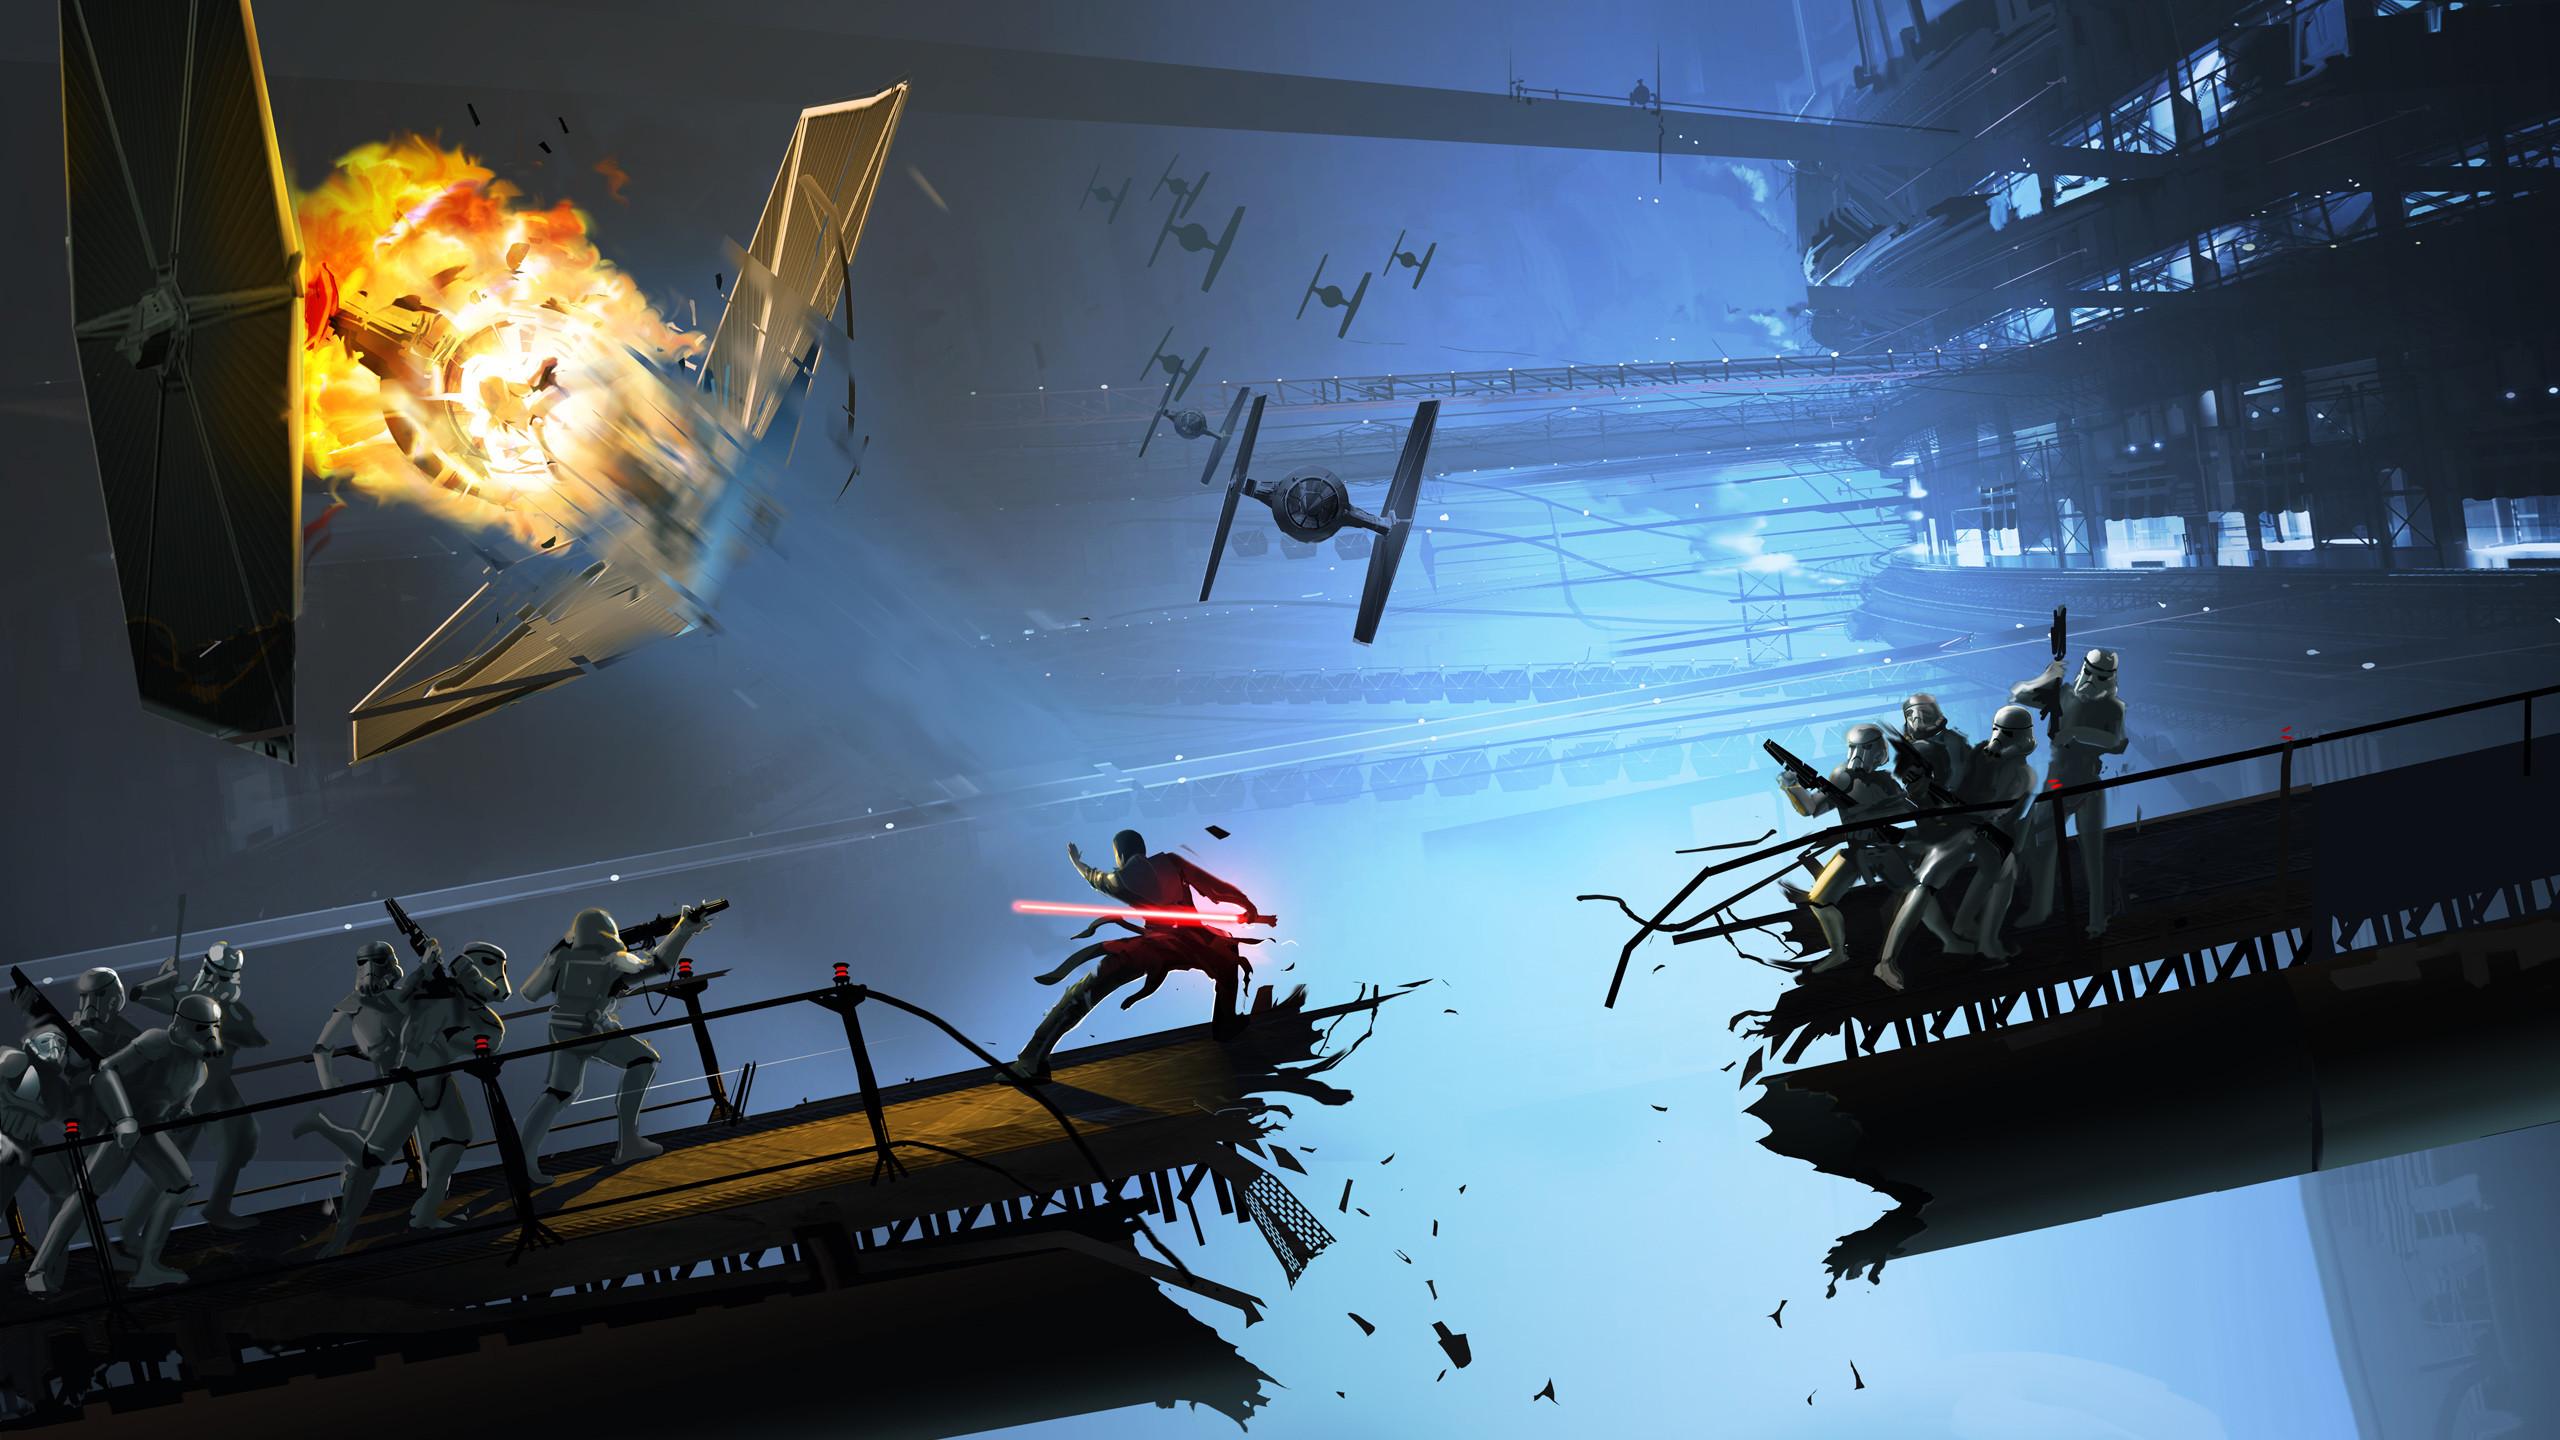 Res: 2560x1440, Star Wars Concept Art Wallpaper